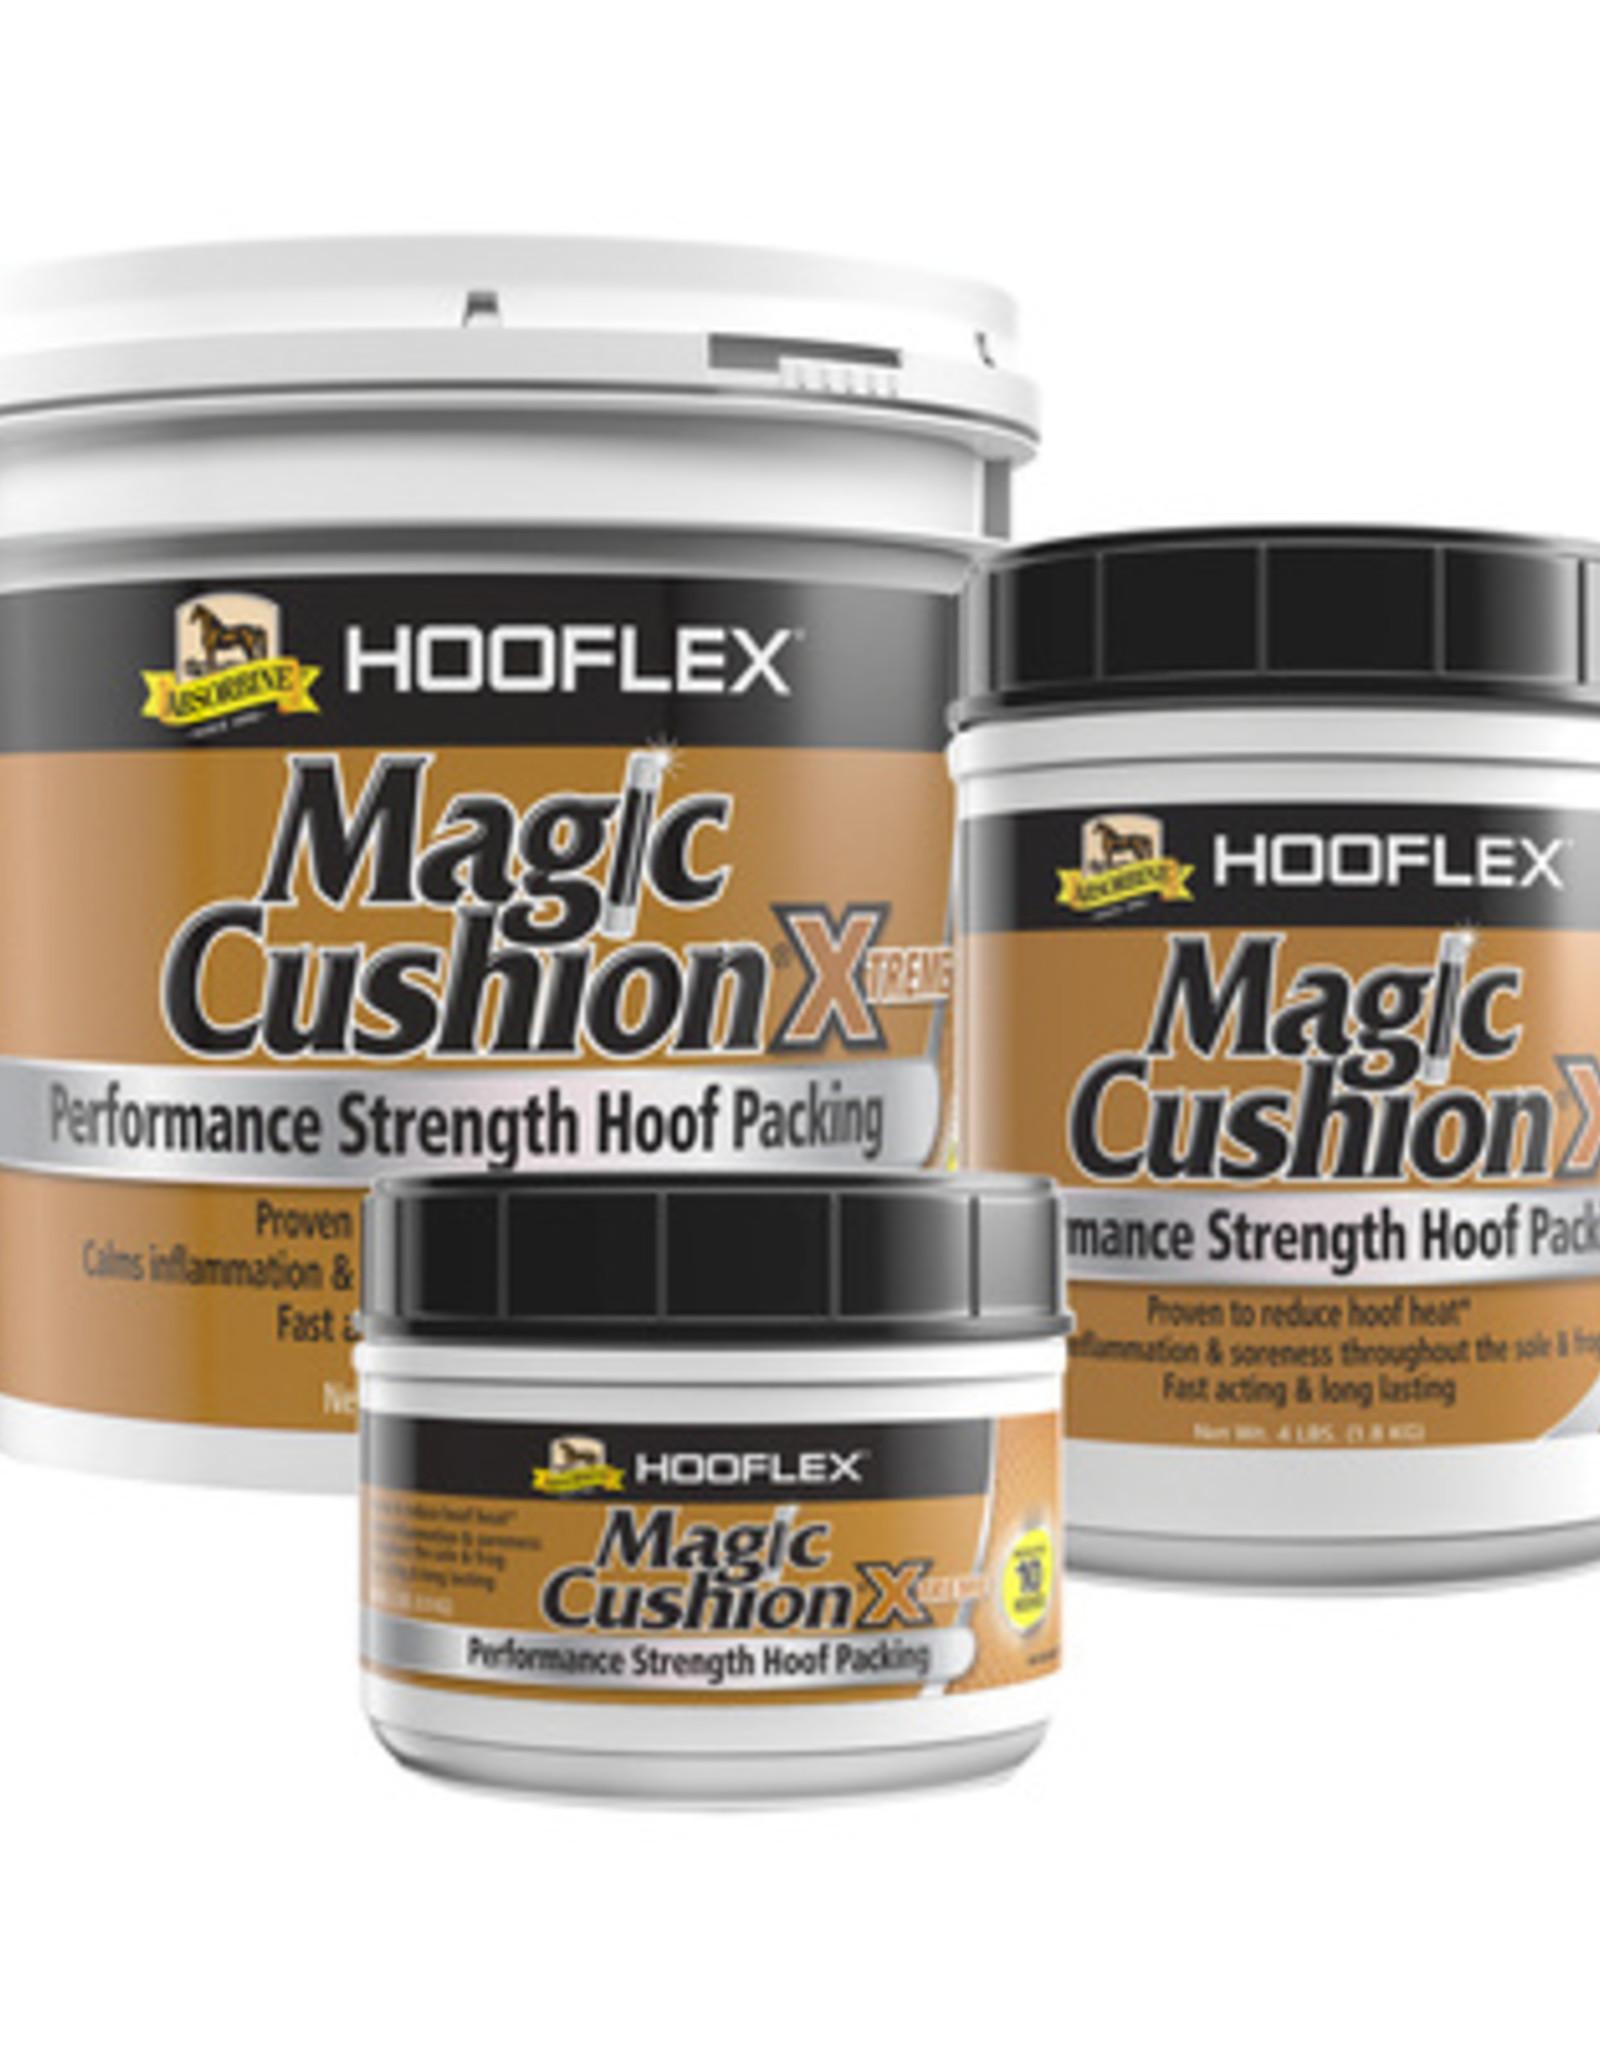 Magic Cushion X treme 2 lbs